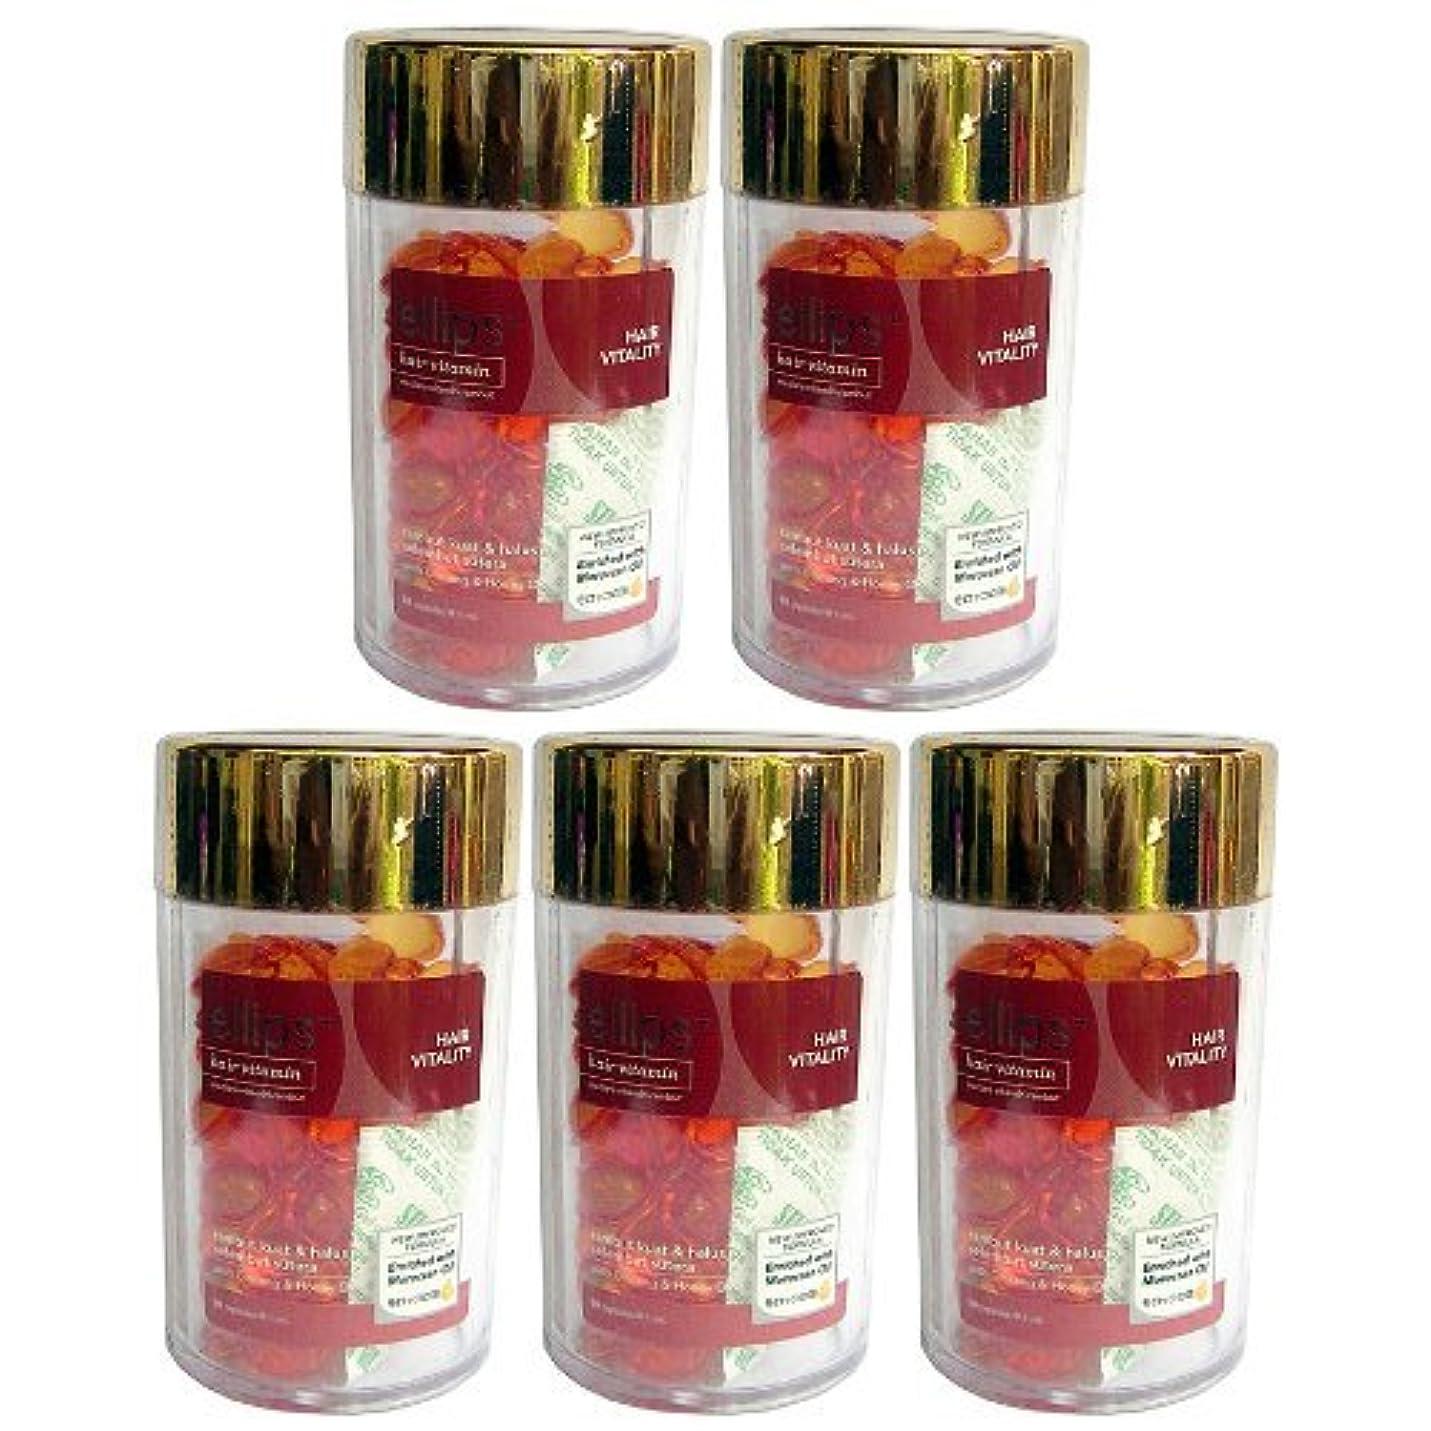 レベル海洋の巧みなエリップスellipsヘアビタミン洗い流さないヘアトリートメント50粒入ボトル5本組(海外直送品)(並行輸入品) (オレンジ5本)